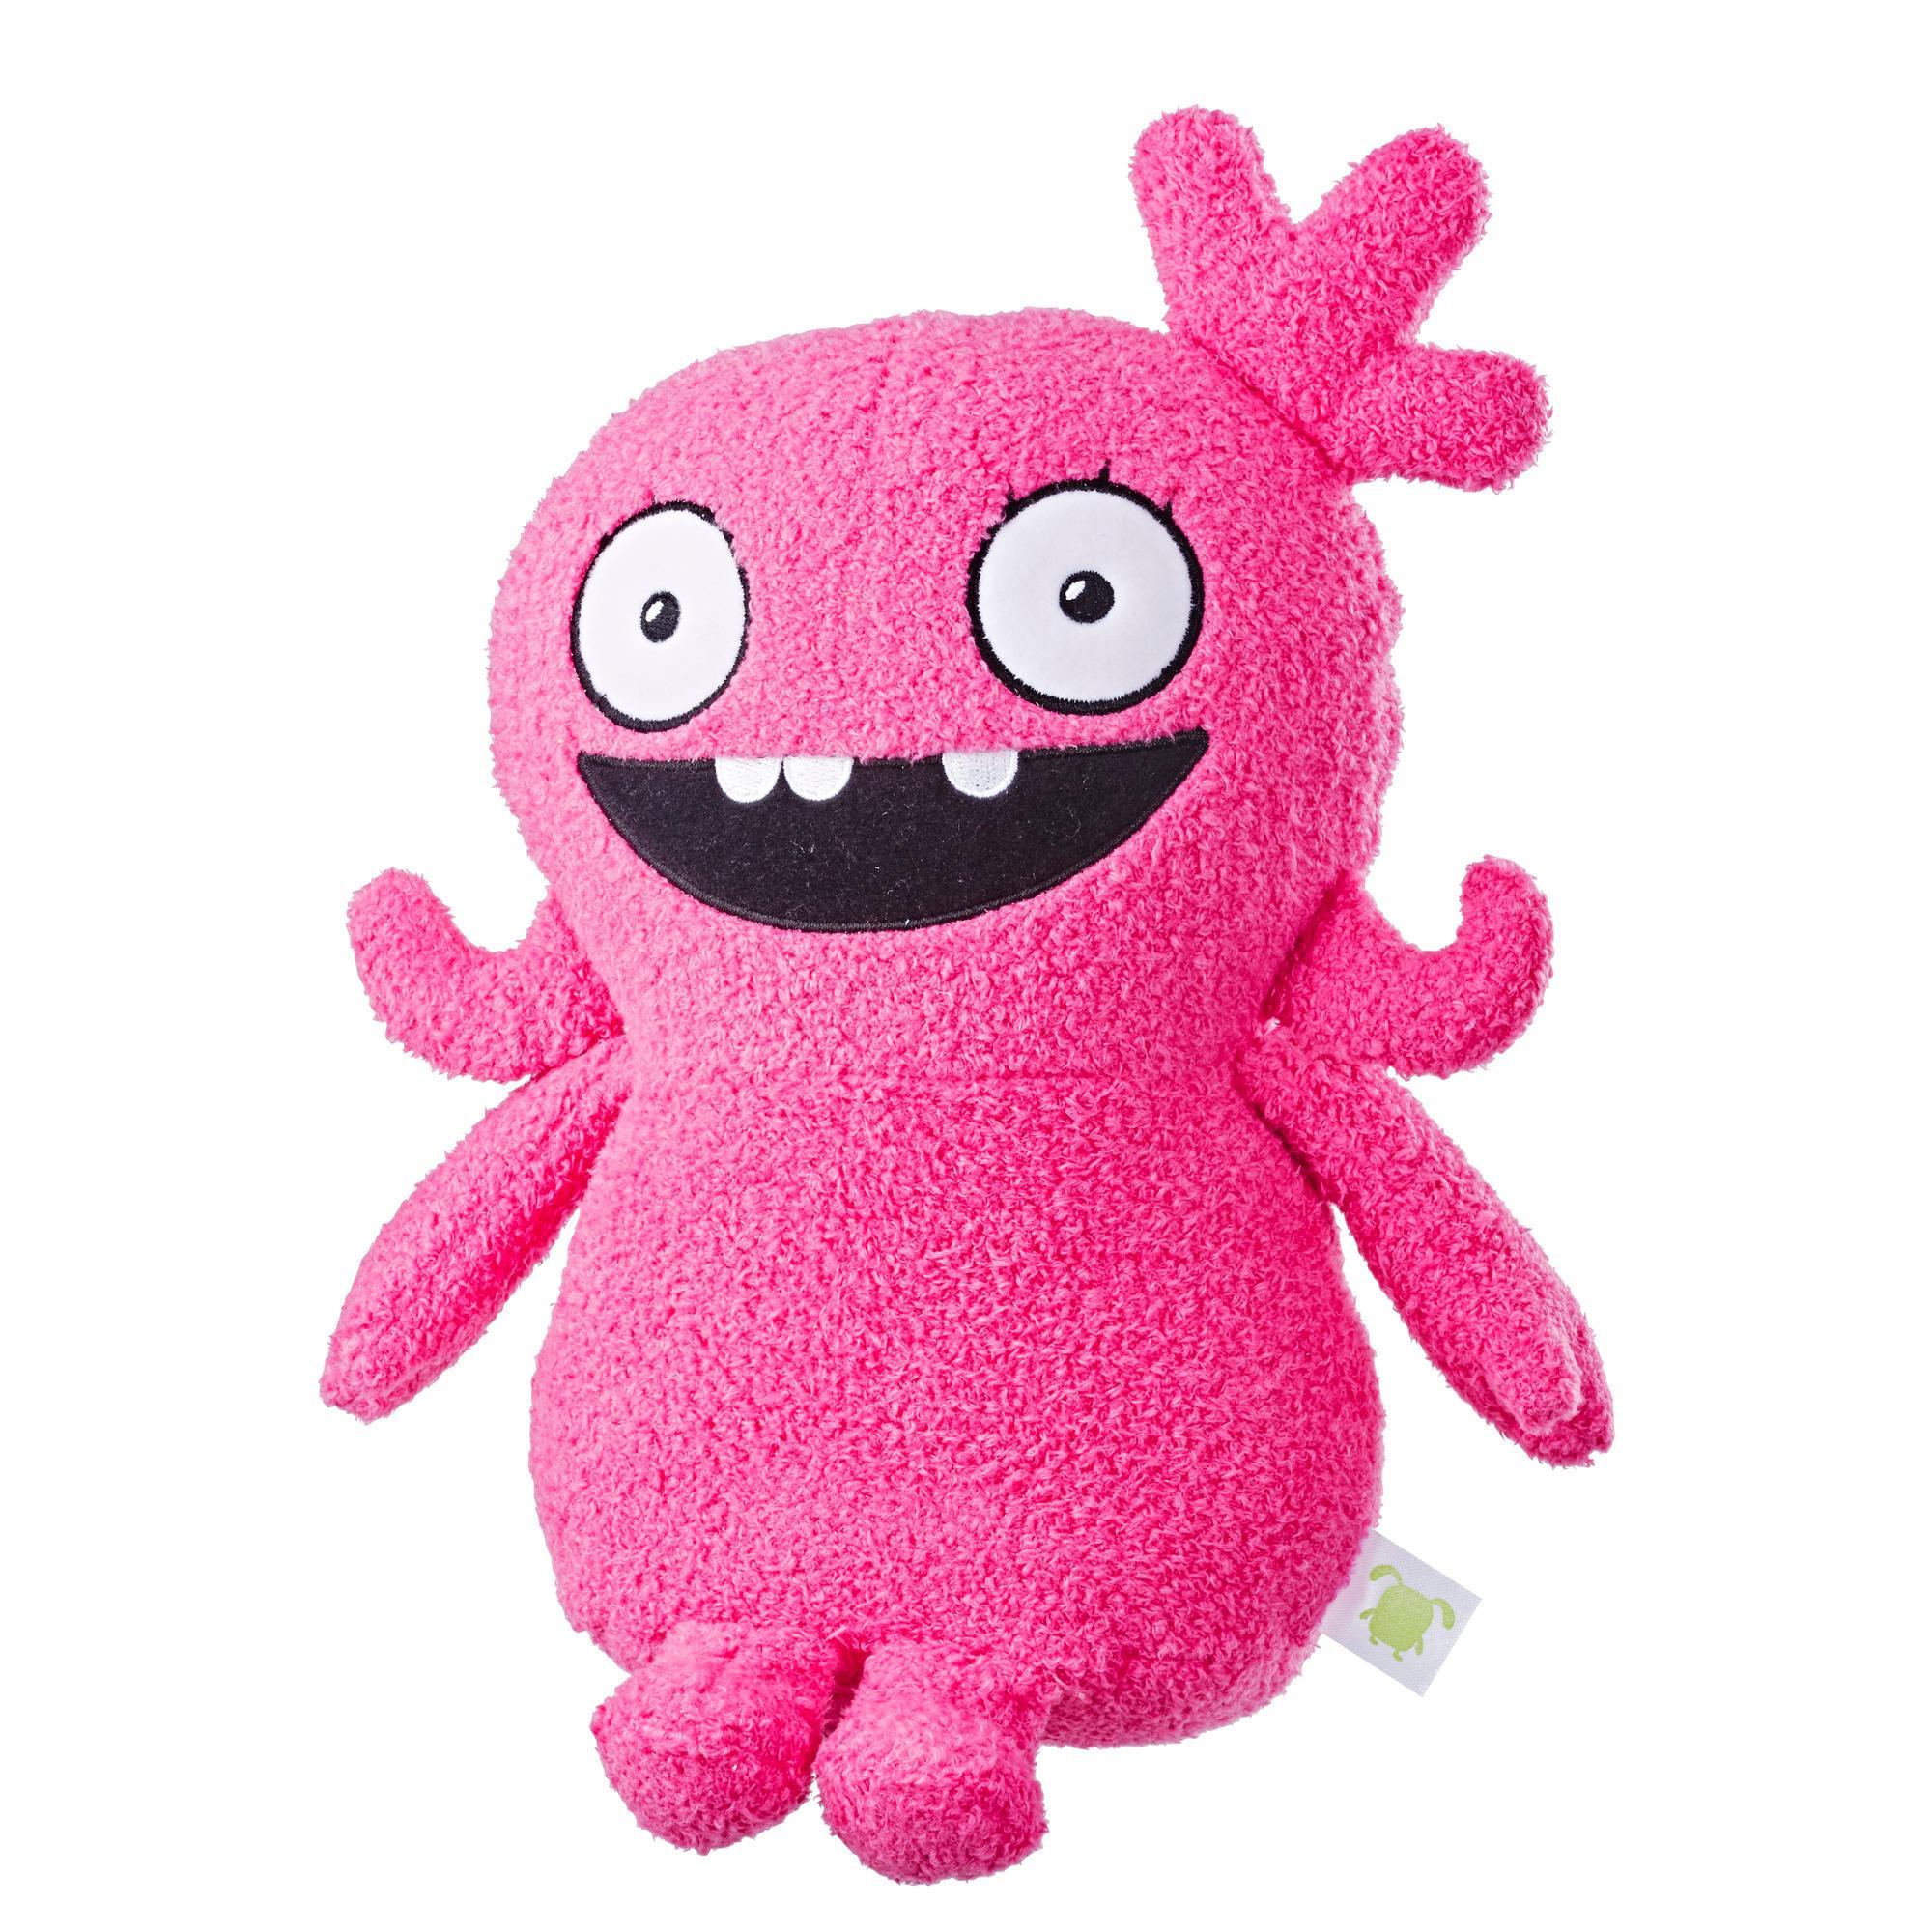 UglyDolls Moxy sonora, juguete de peluche con sonidos, 29 cm de alto